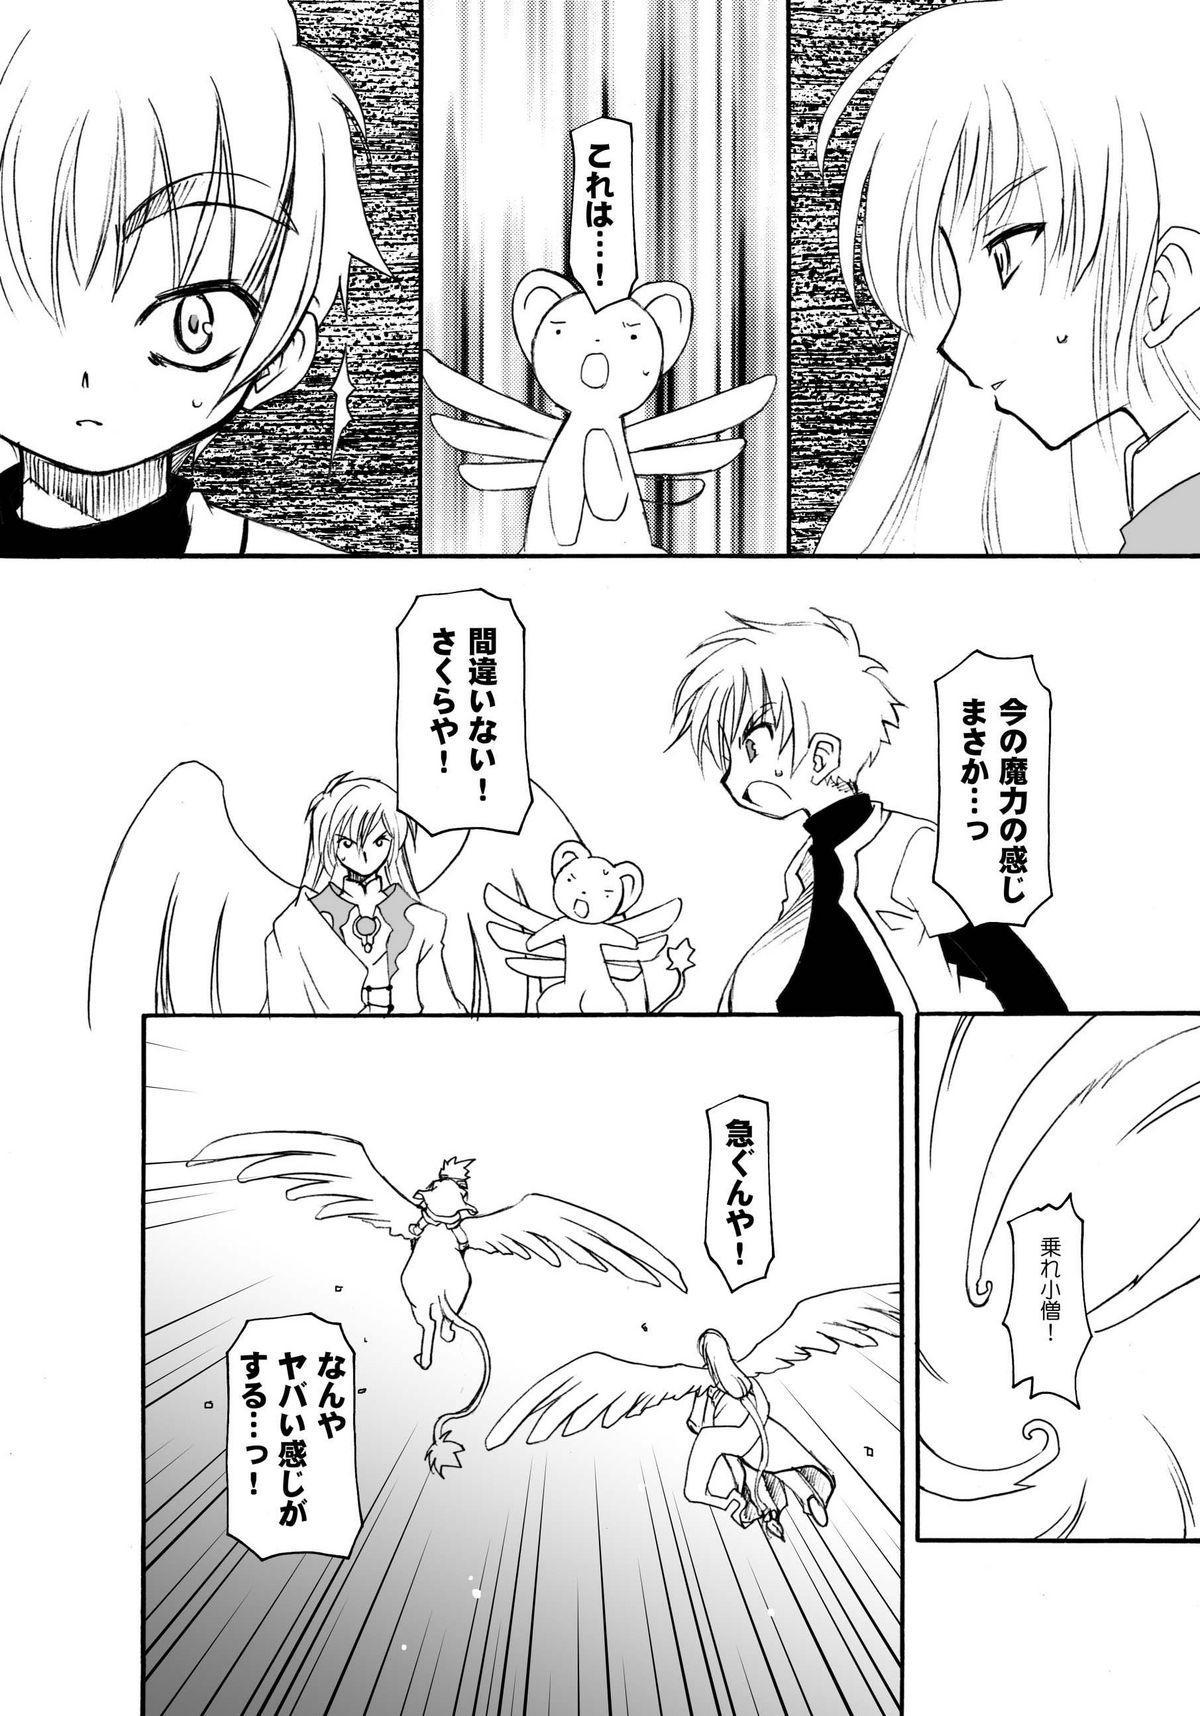 Sakura-chan ga Taihen na Koto ni Nacchau Hon. 3 17